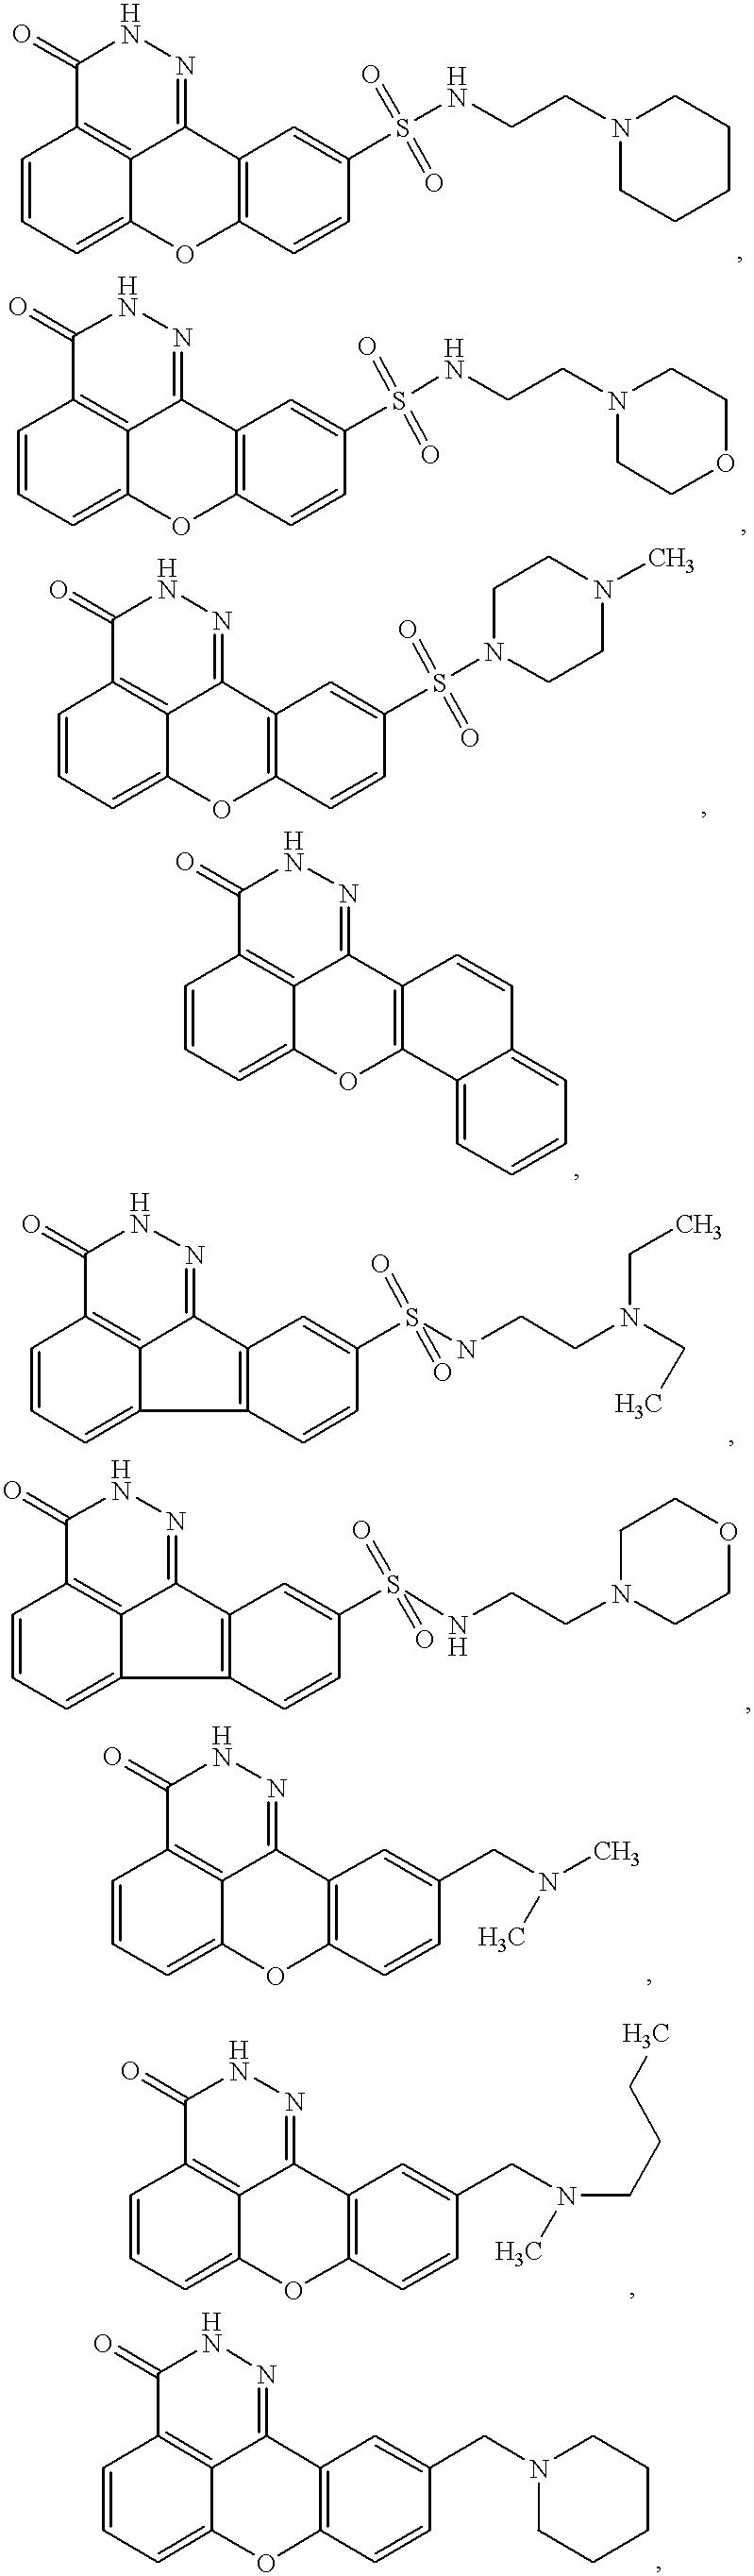 Figure US06291425-20010918-C00013